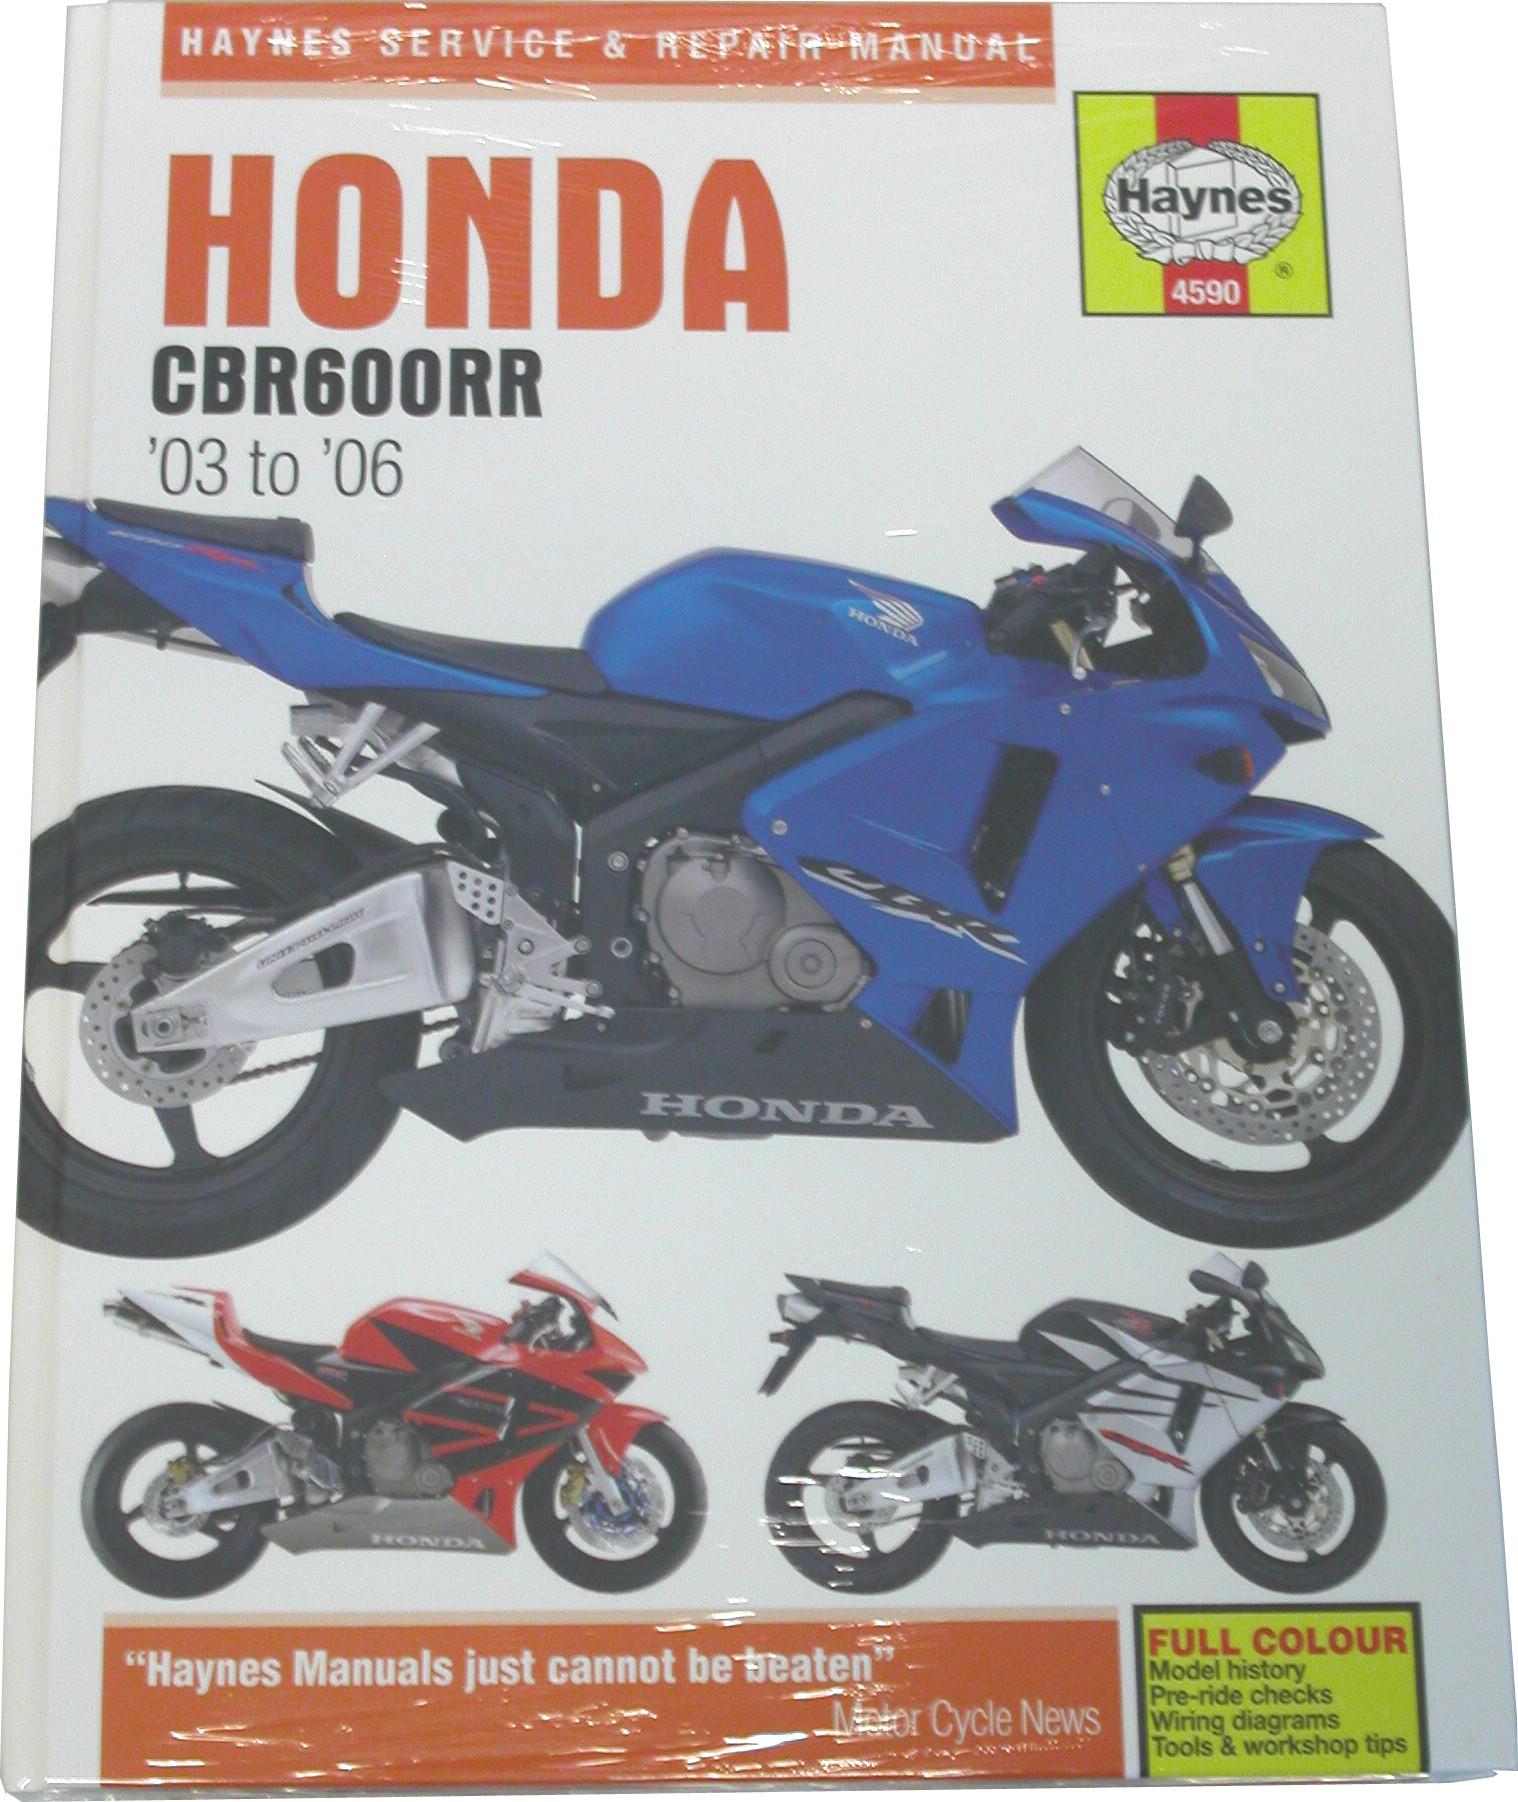 fits honda cbr 600 rr uk 2003 2006 manuals haynes each ebay rh ebay co uk  honda cbr 600 f2 user manual honda cbr 600 f2 user manual